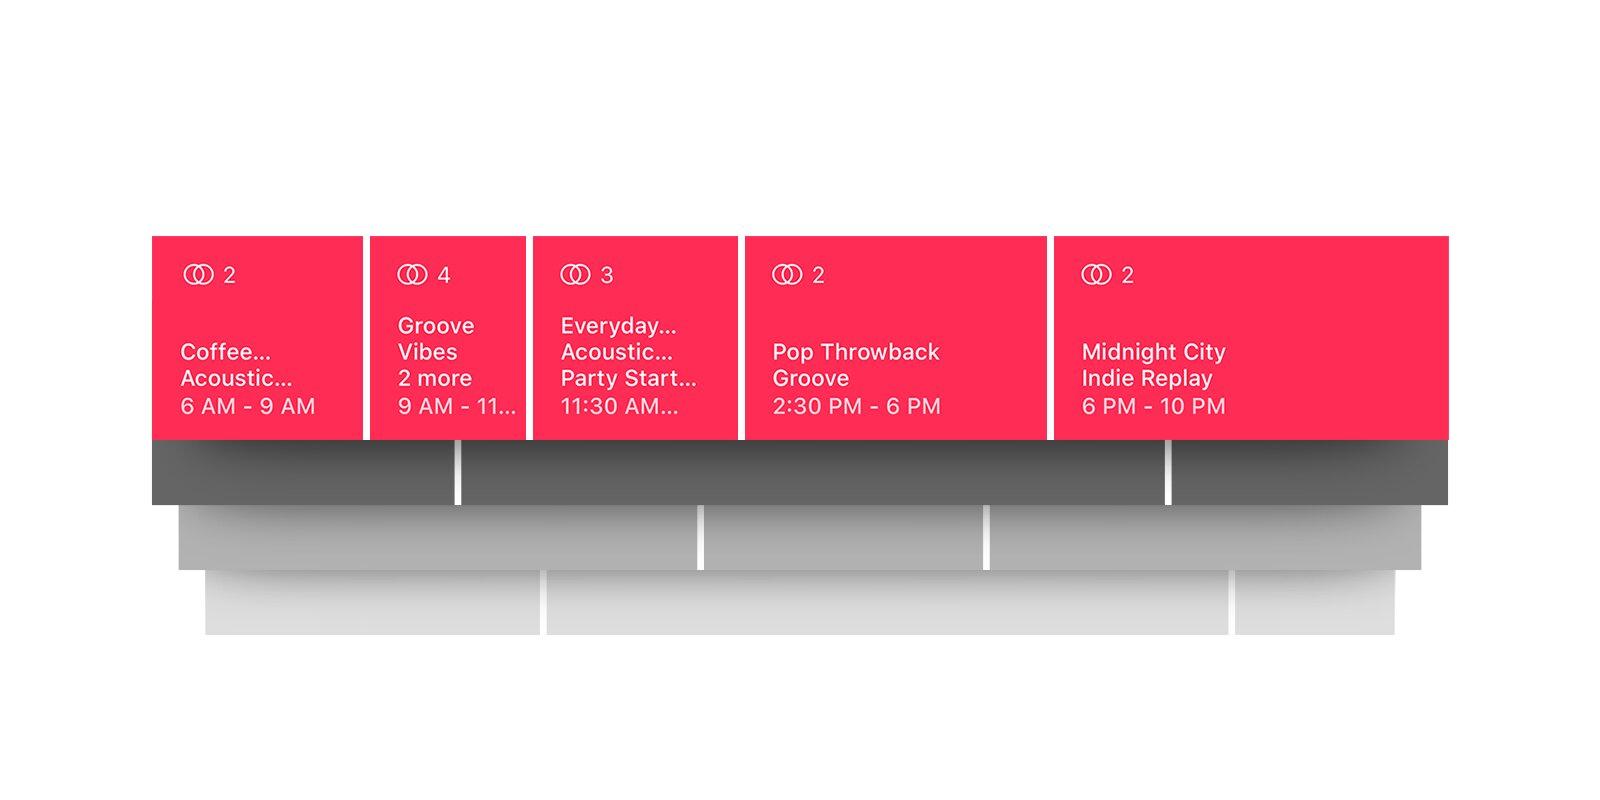 Exemple de programmation sur une journée avec Apple Music for Business